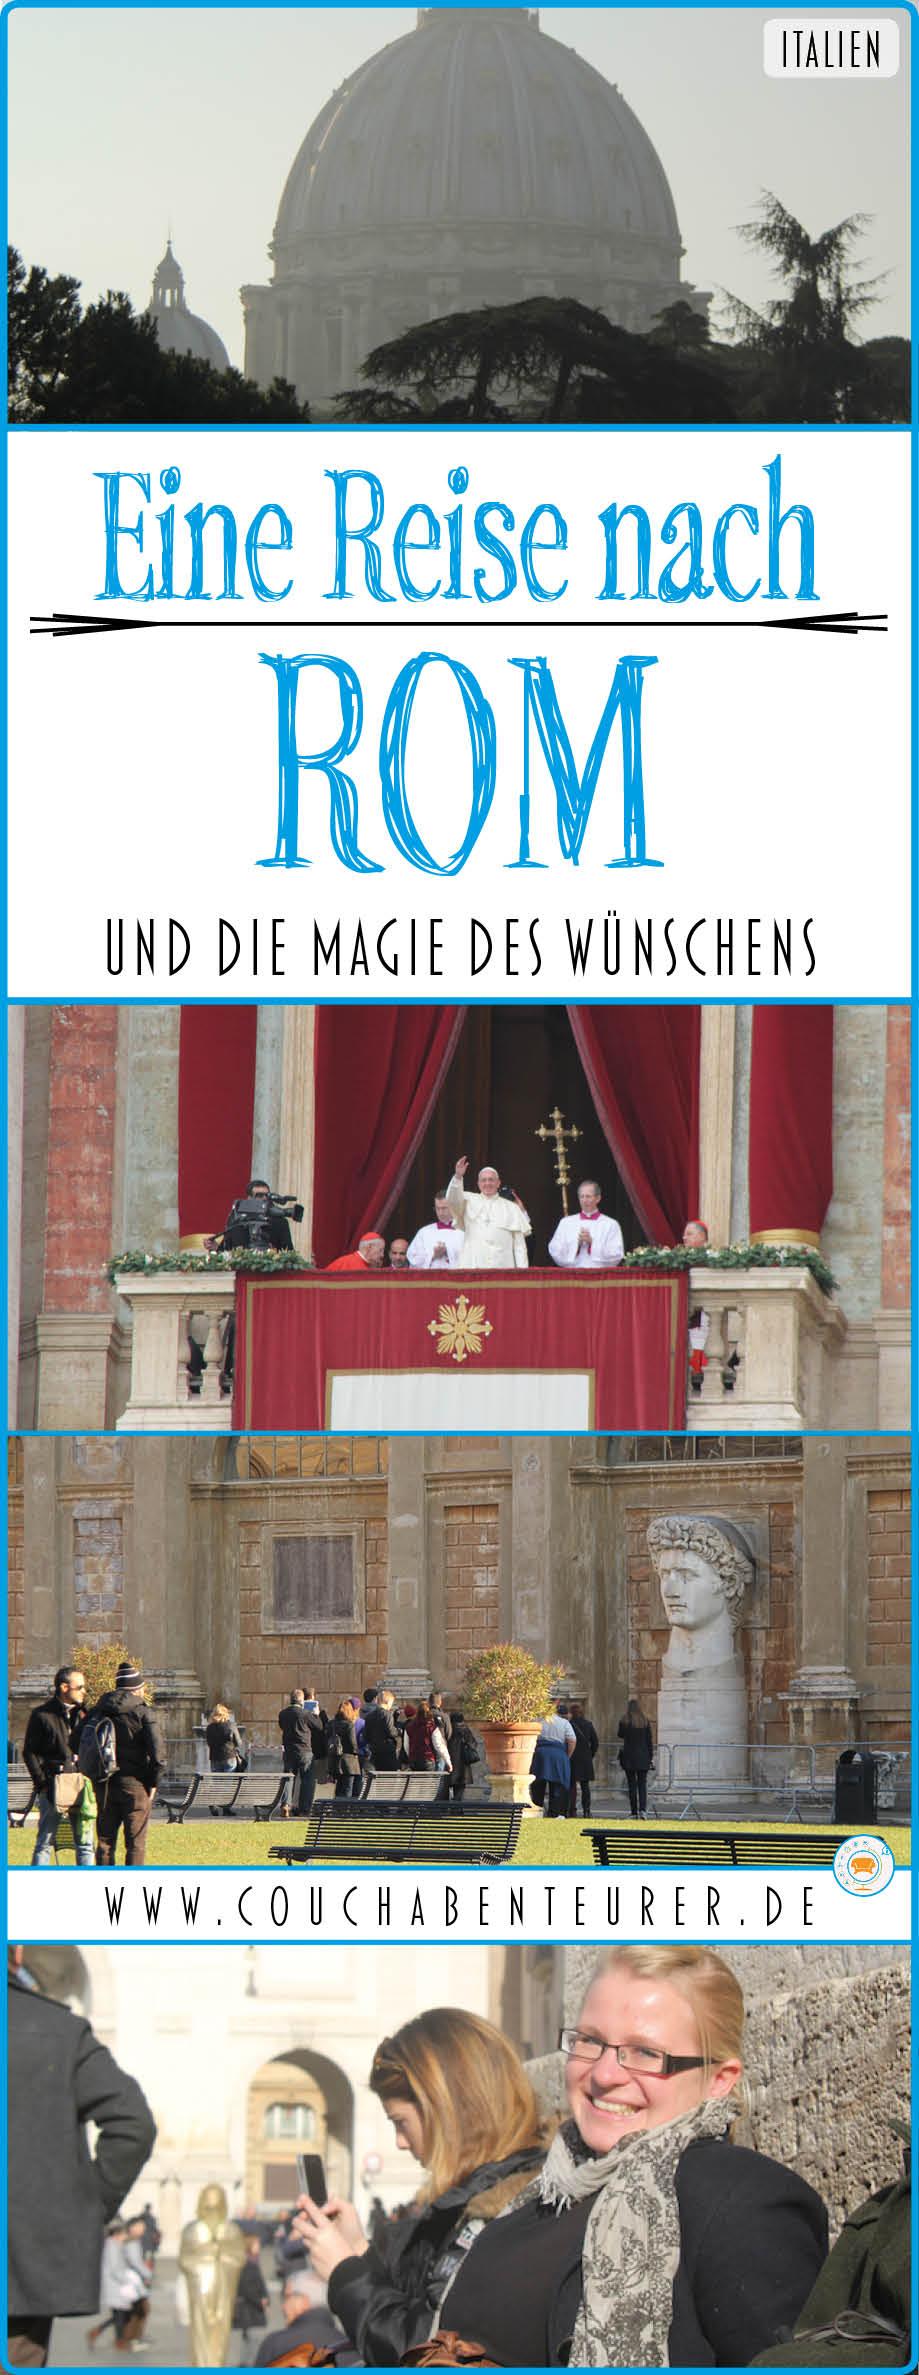 Eine-Reise-nach-Rom-Wünsche